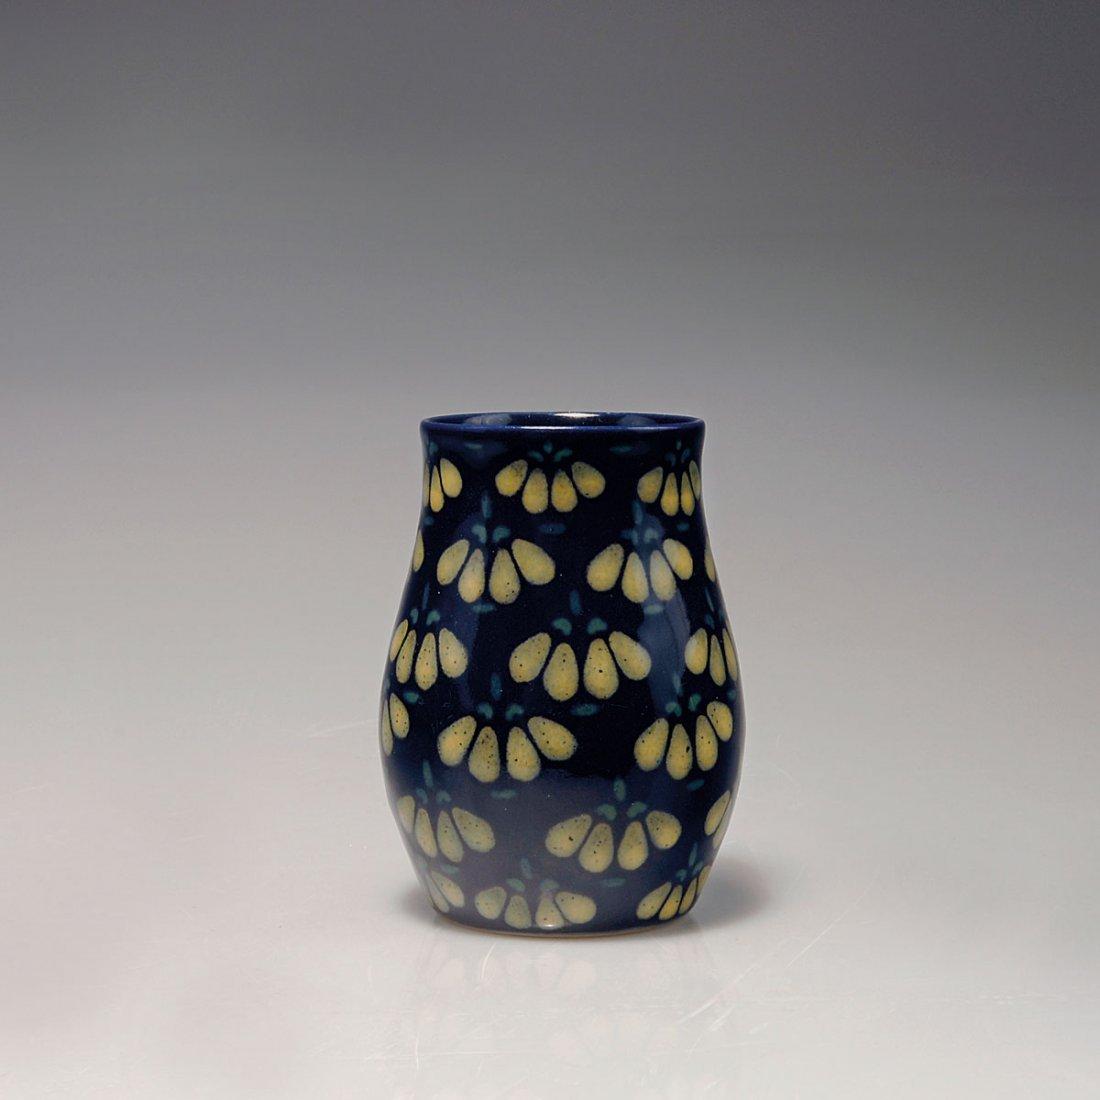 528: Small vase, c1912